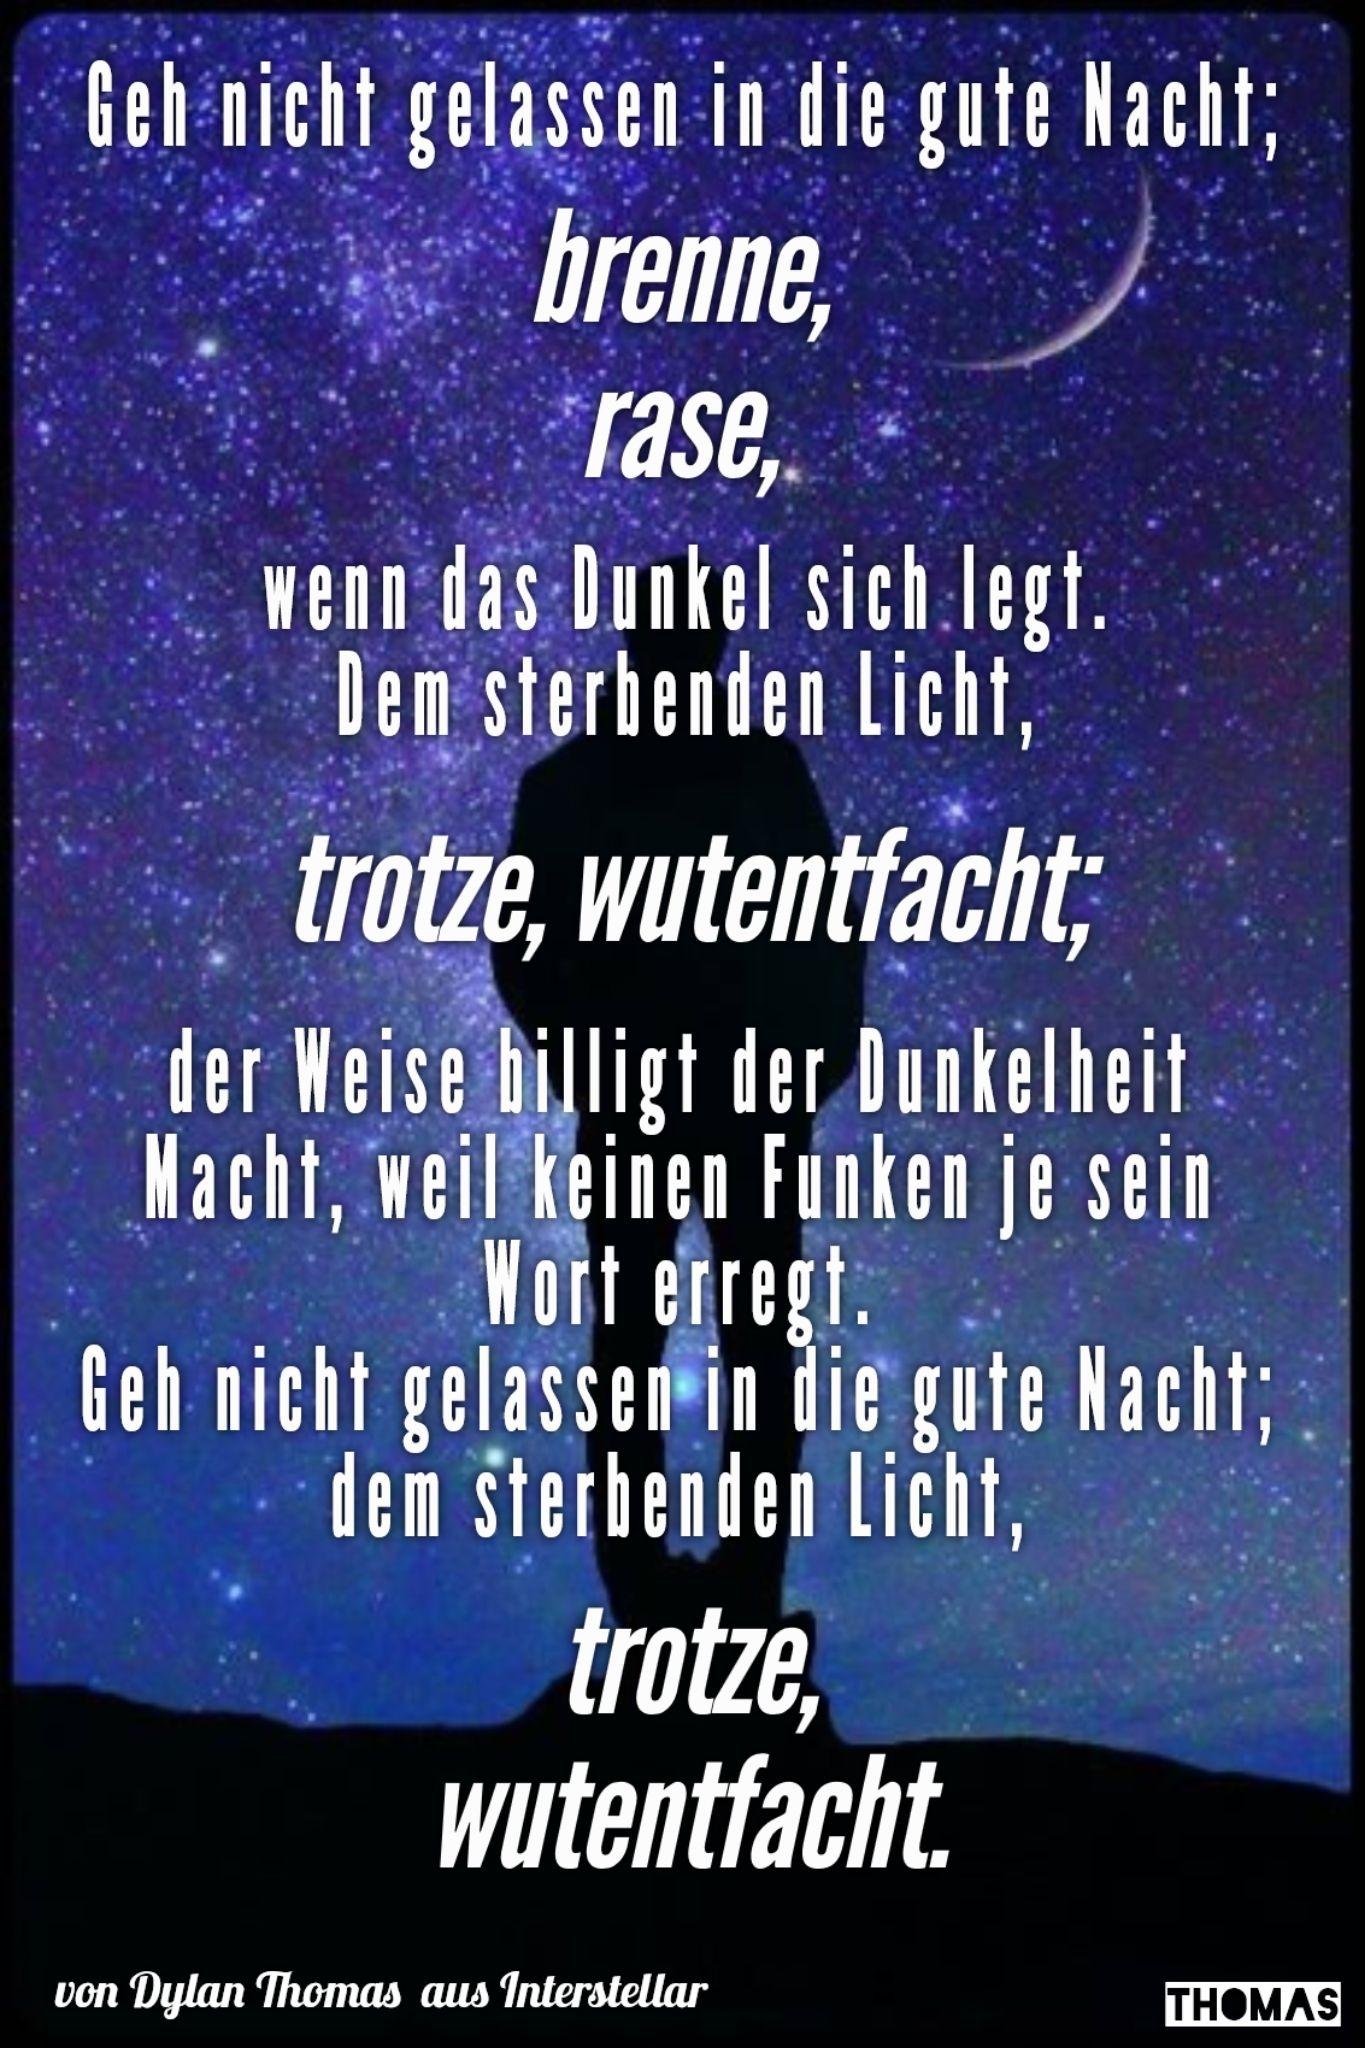 Dylan Thomas - Interstellar - Geh nicht gelassen in die gute Nacht ...